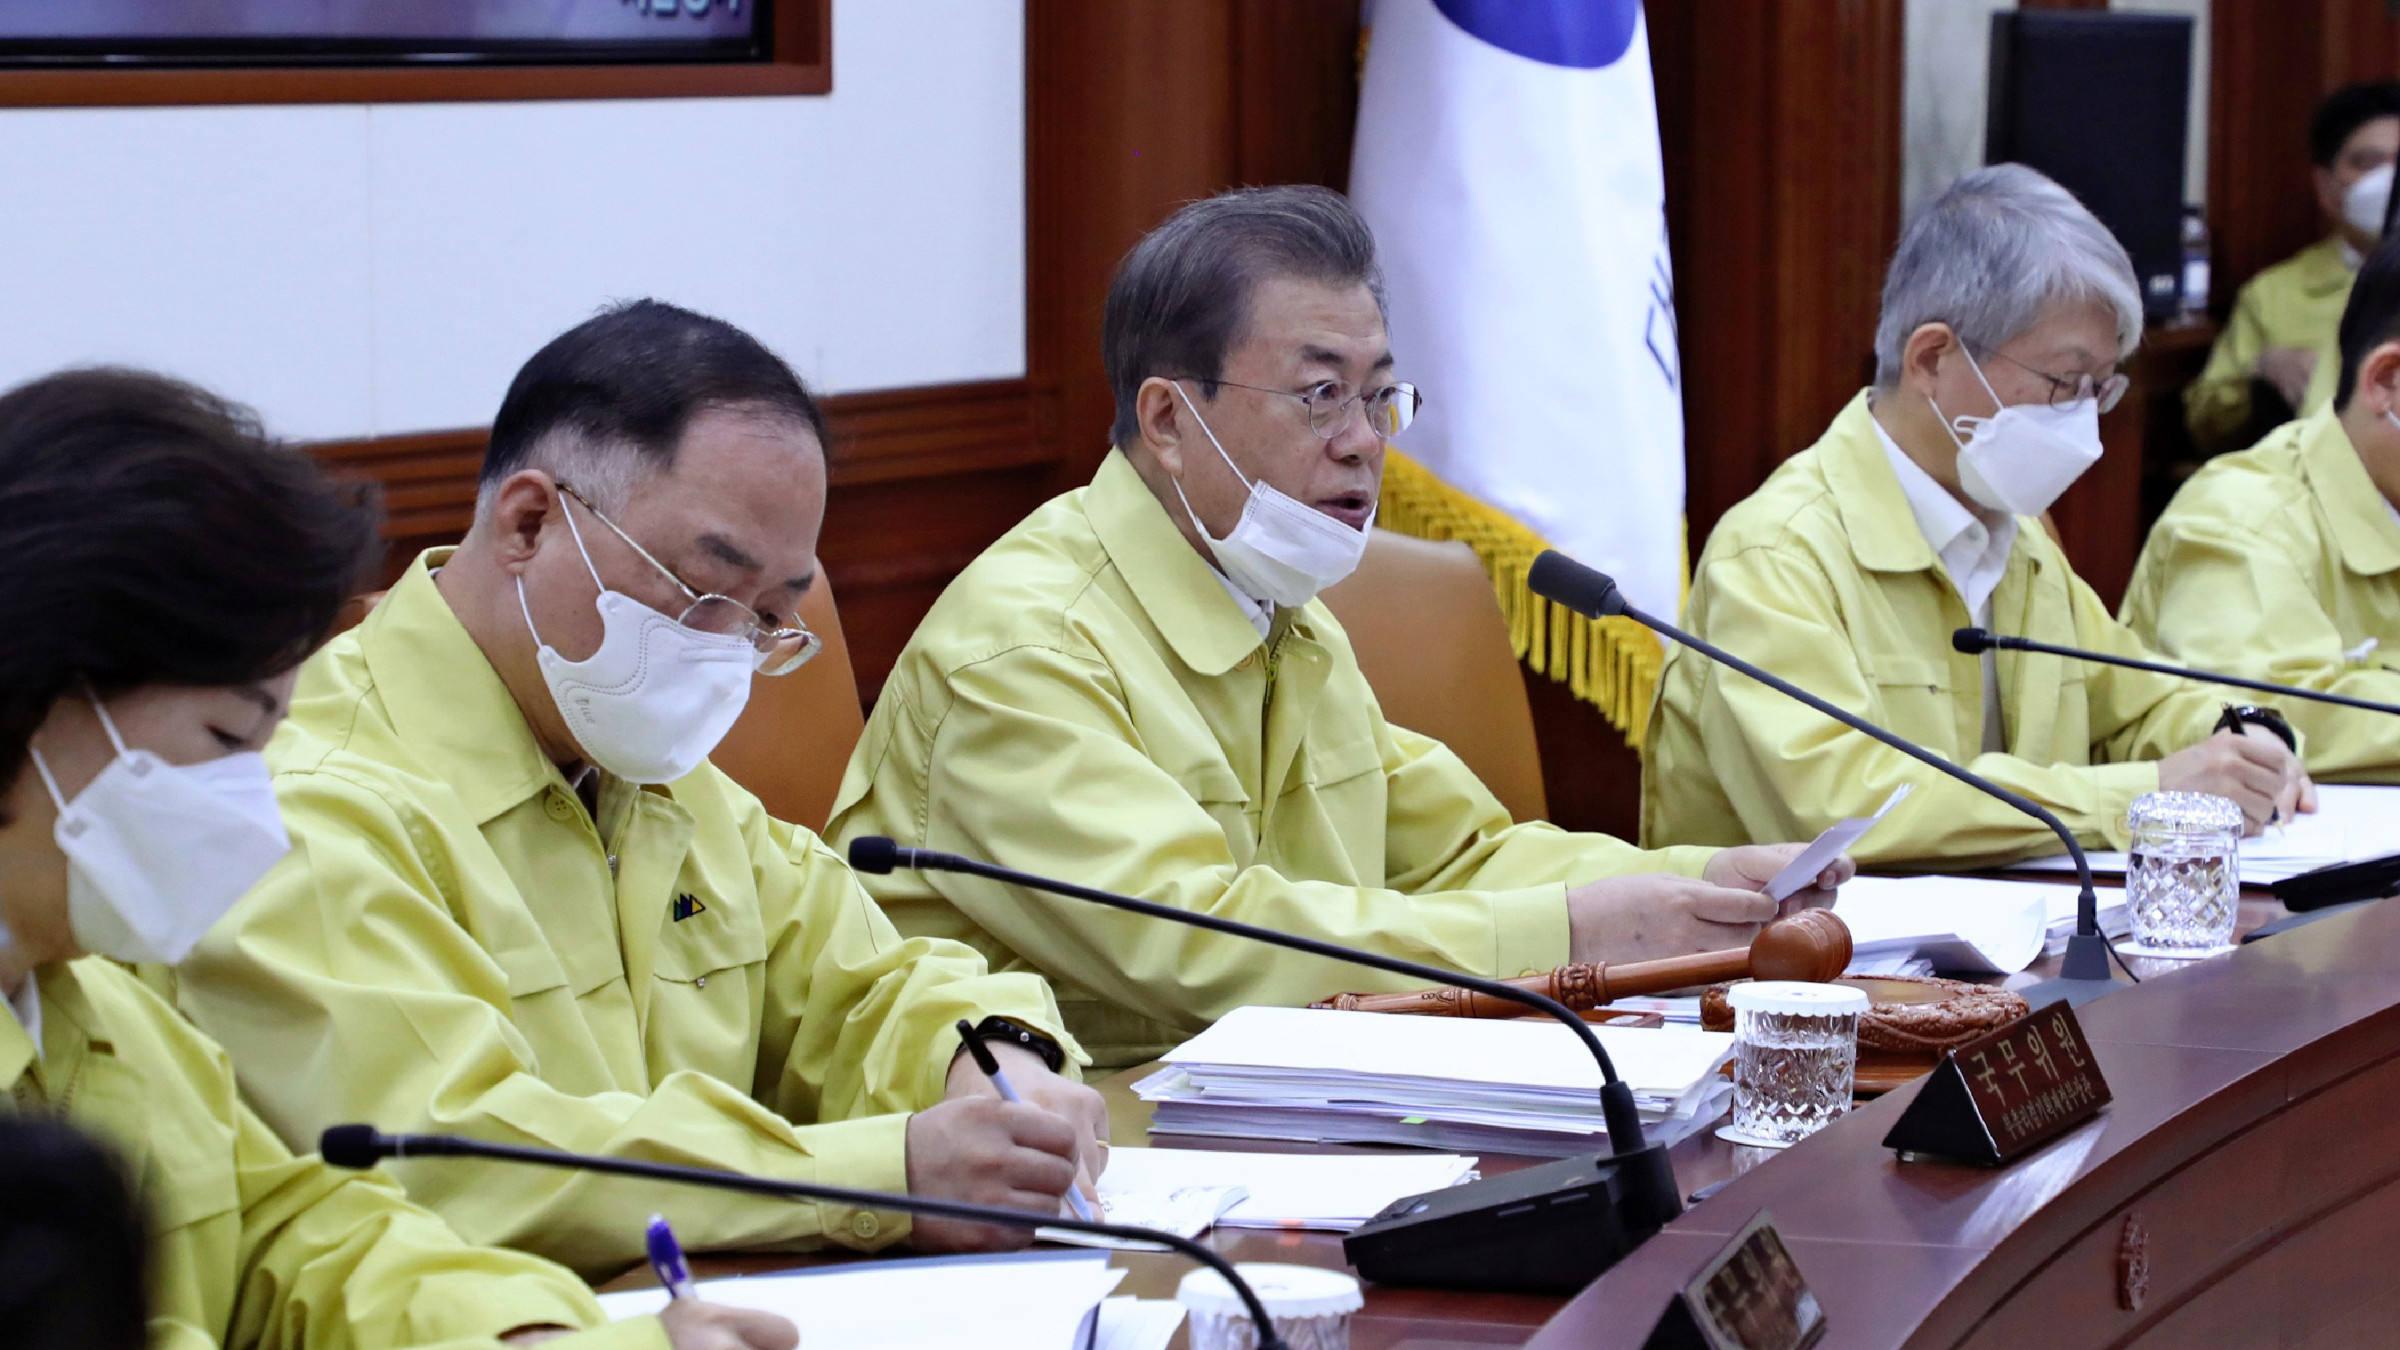 Le président sud-coréen Moon Jae-in en plein conseil des ministres avant les élections du 15 avril, que son parti a nettement remportées, plébiscitant la gestion de la lutte contre le coronavirus. (Source : Asia Nikkei)